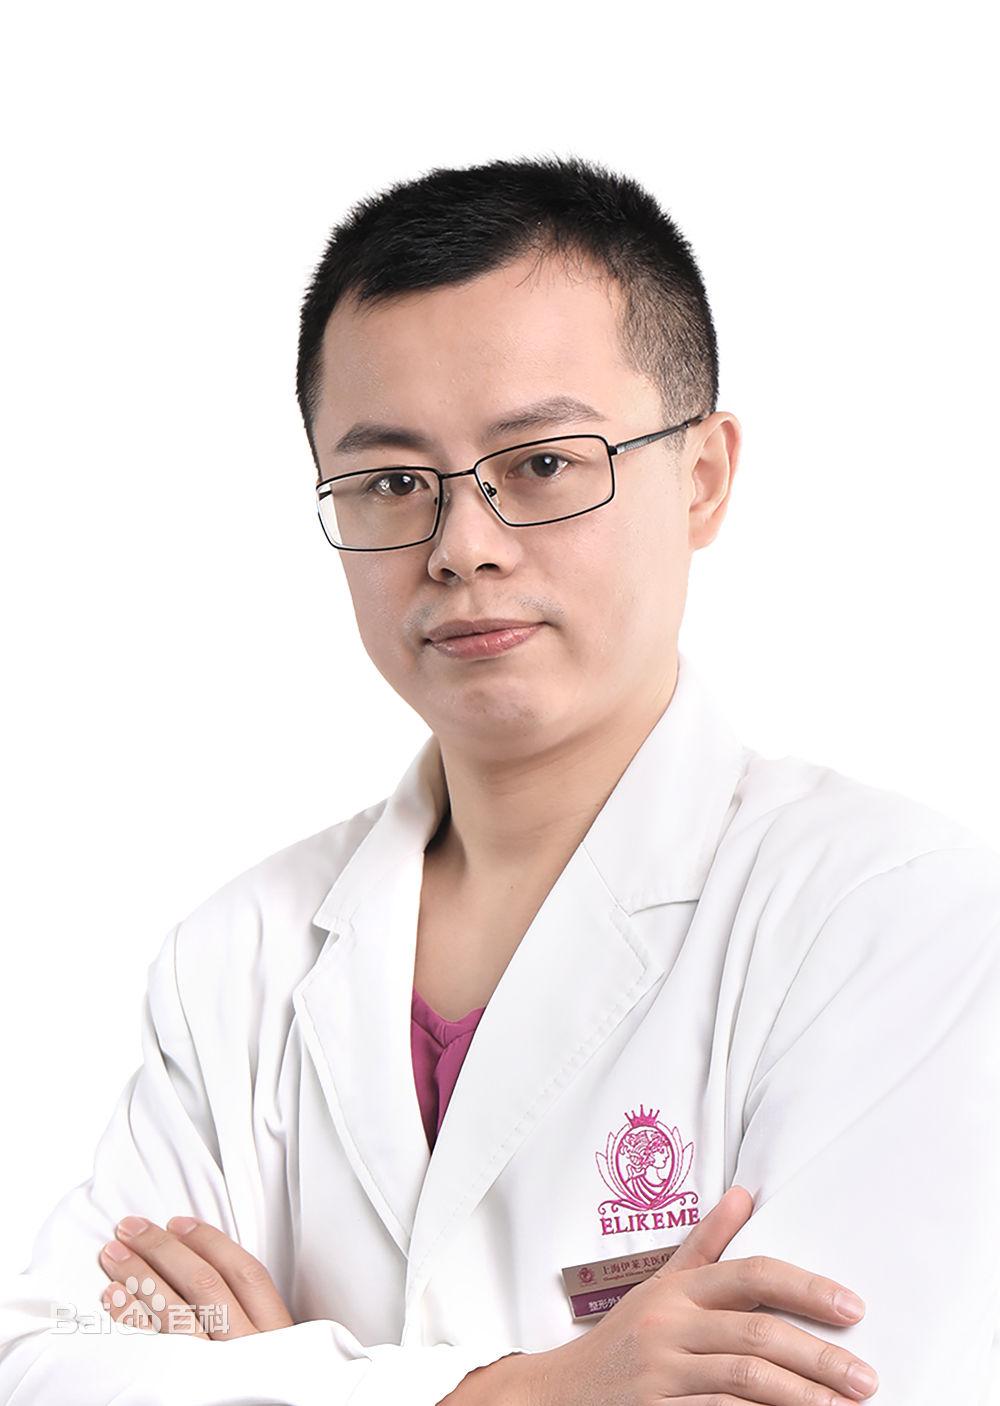 上海伊莱美钱玉鑫博士怎么样?鼻综合效果好吗?